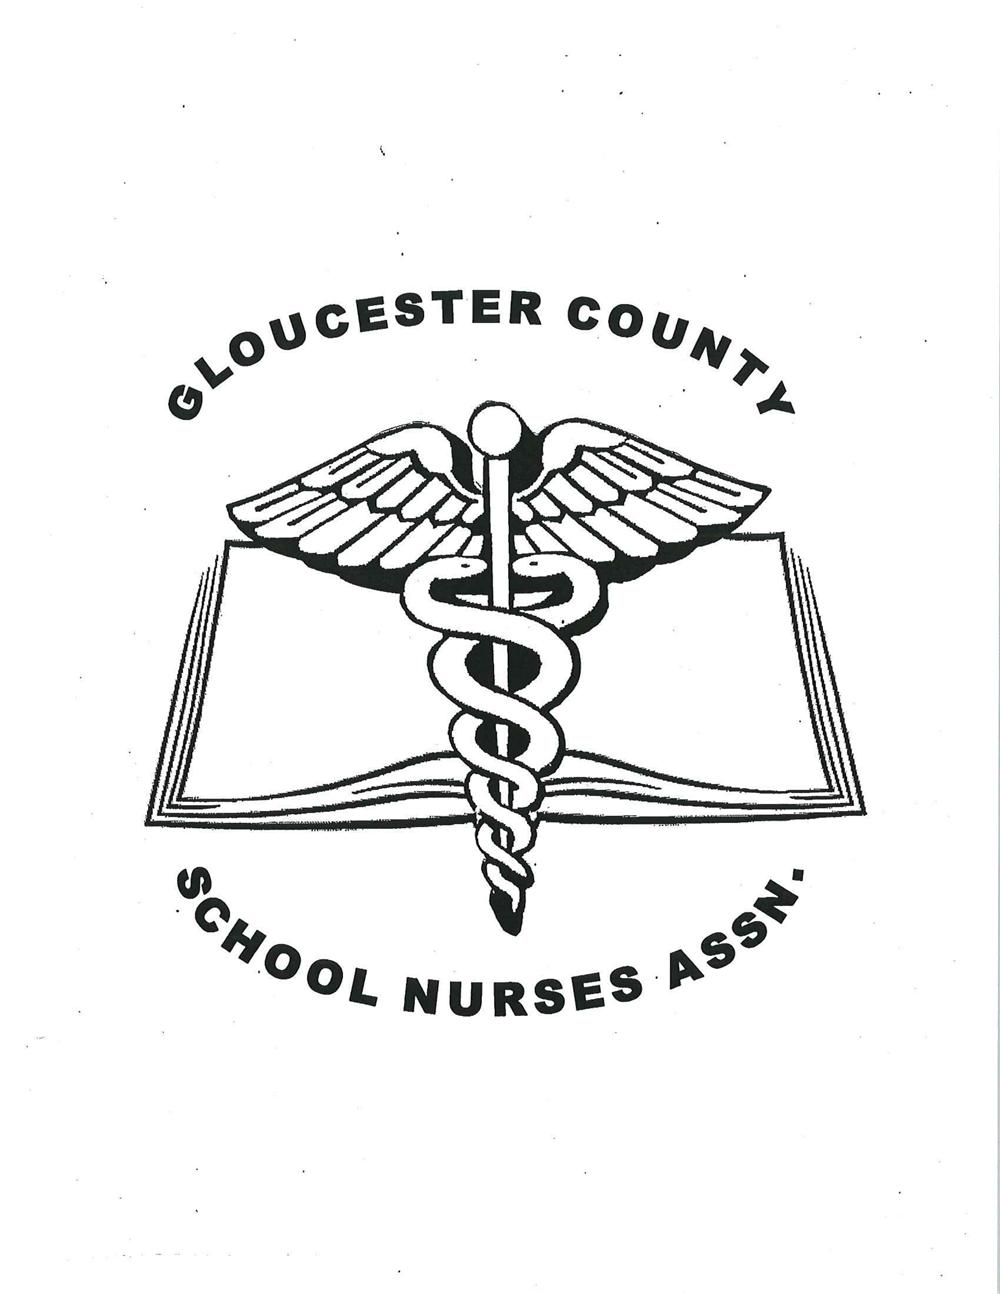 Gloucester County School Nurses Association